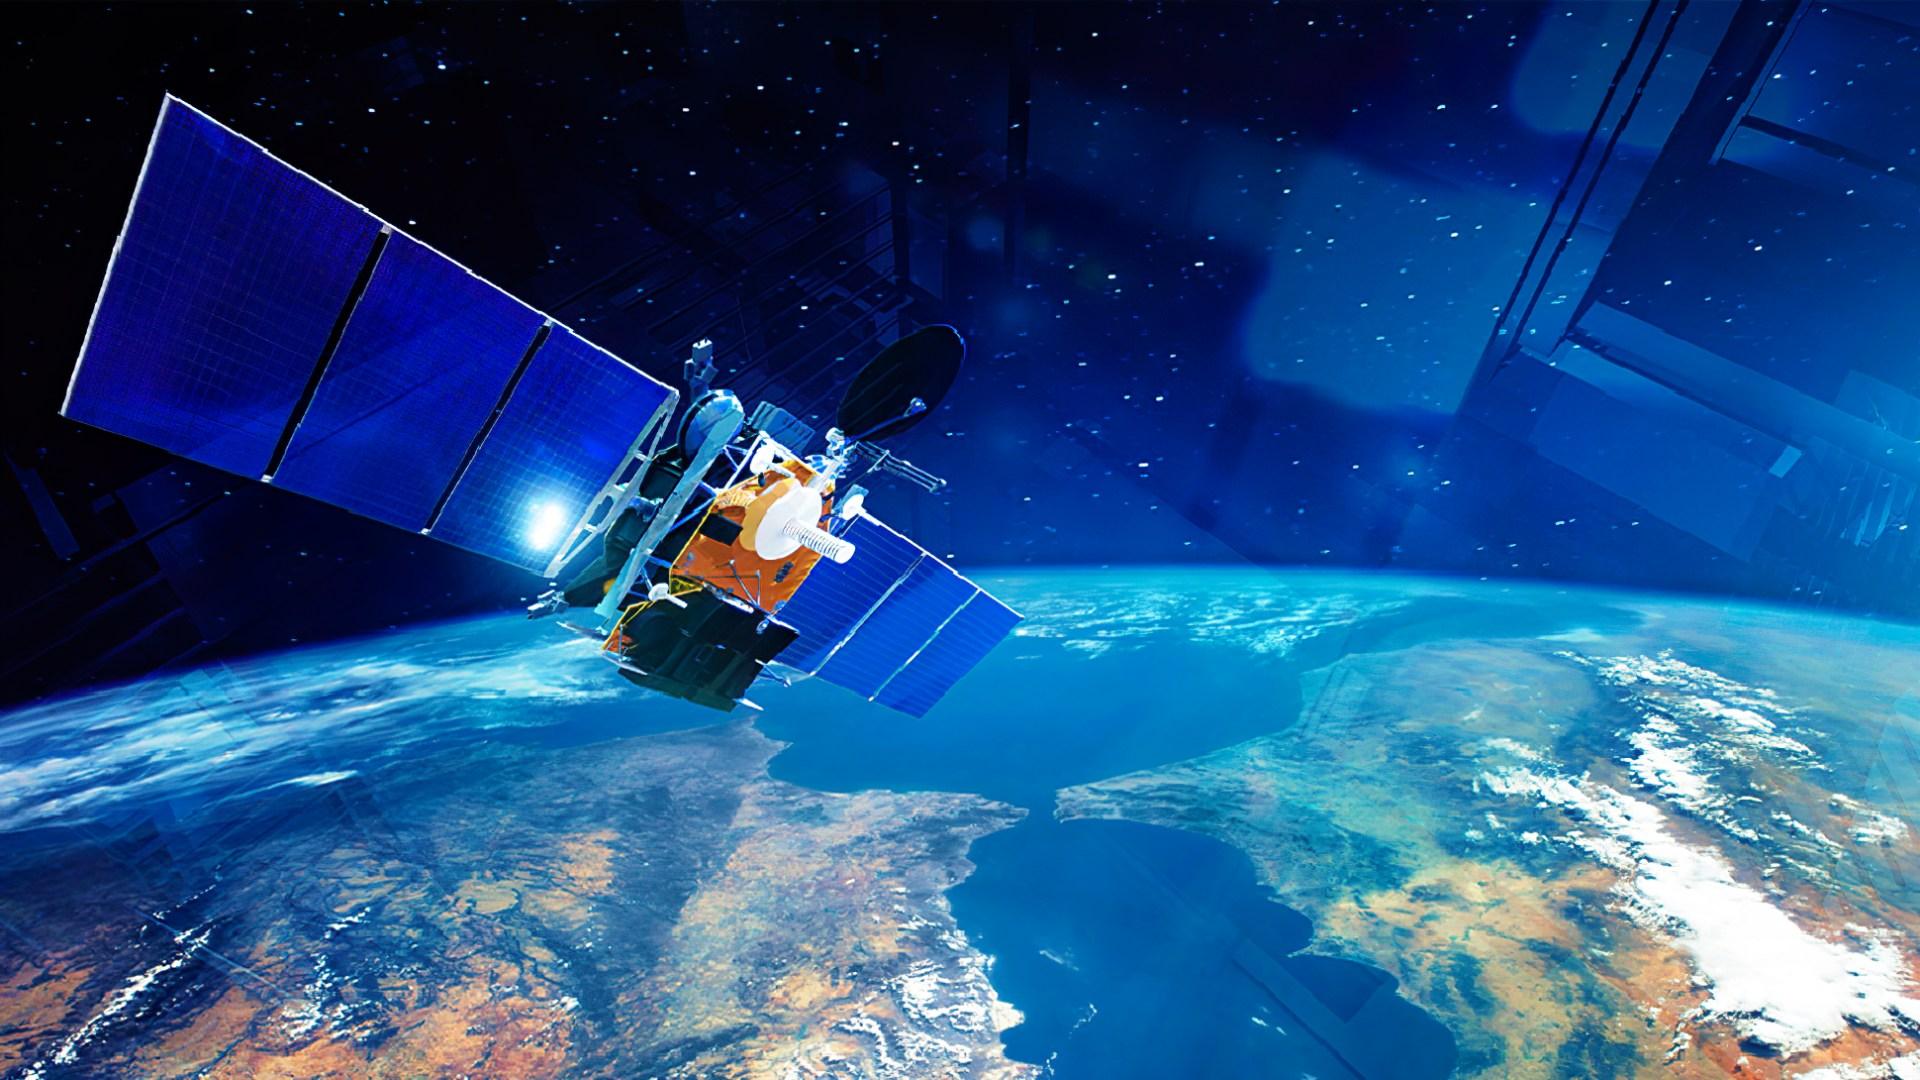 Weltraum, Satellit, Satellitenbilder, Erde, Planet, Satelliten, Geodaten, Satelliten Internet, Spaceship, Space, Orbit, Satellitenkarten, Satellitenfotos, Satellitennavigation, Satellite, Satellitenfernsehen, Galileo Satellit, Satelliteninternet